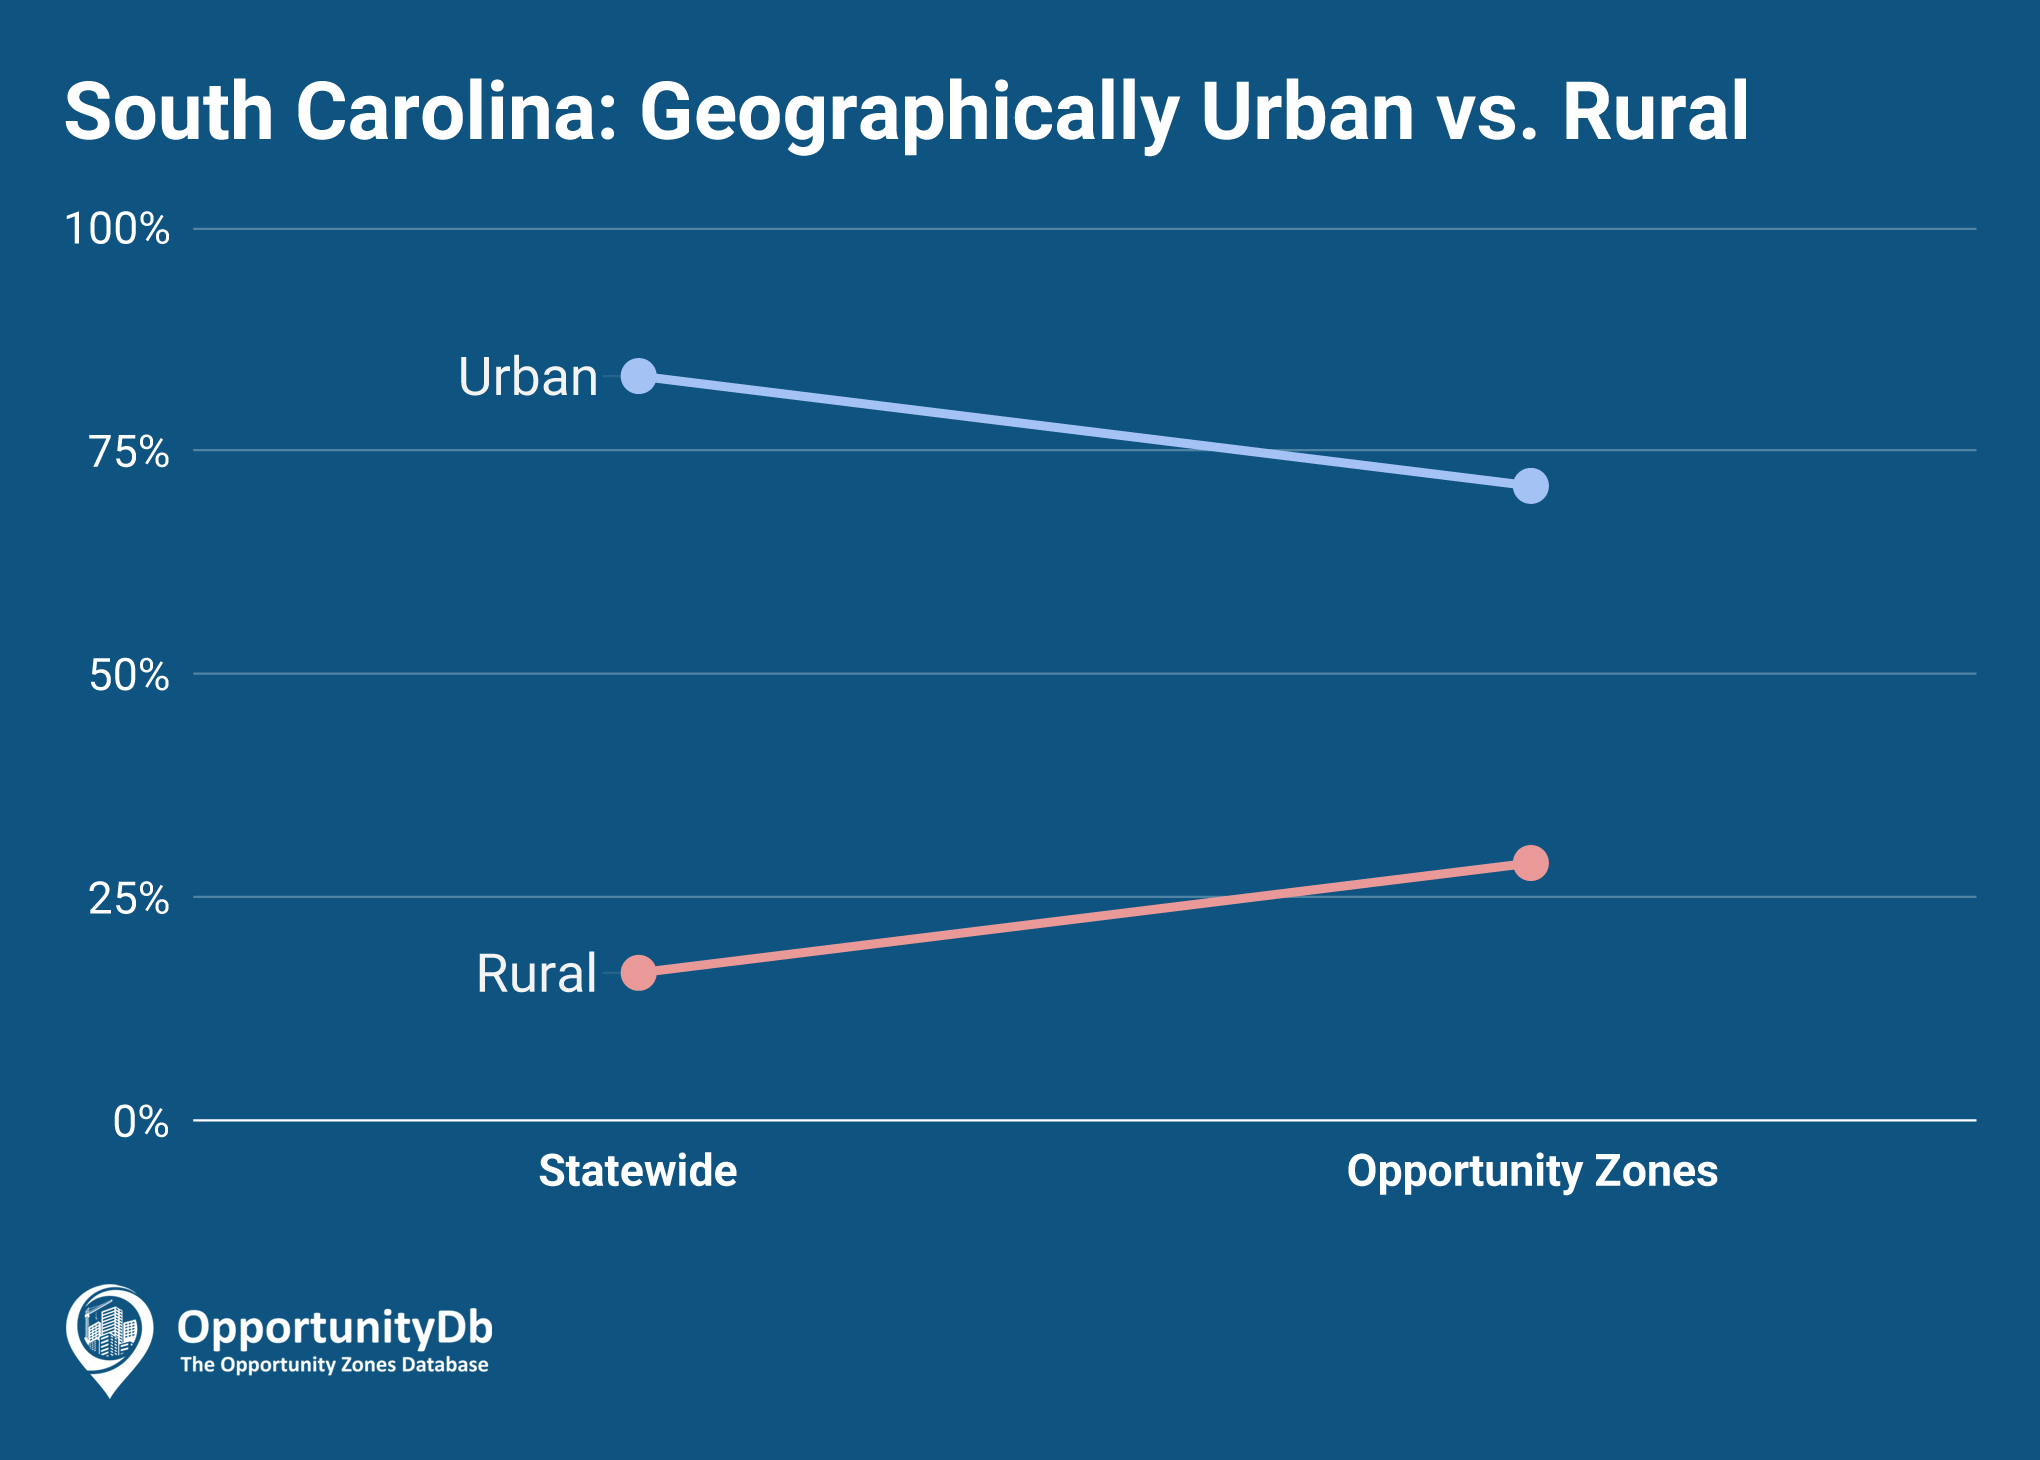 Urban vs. Rural in South Carolina Opportunity Zones